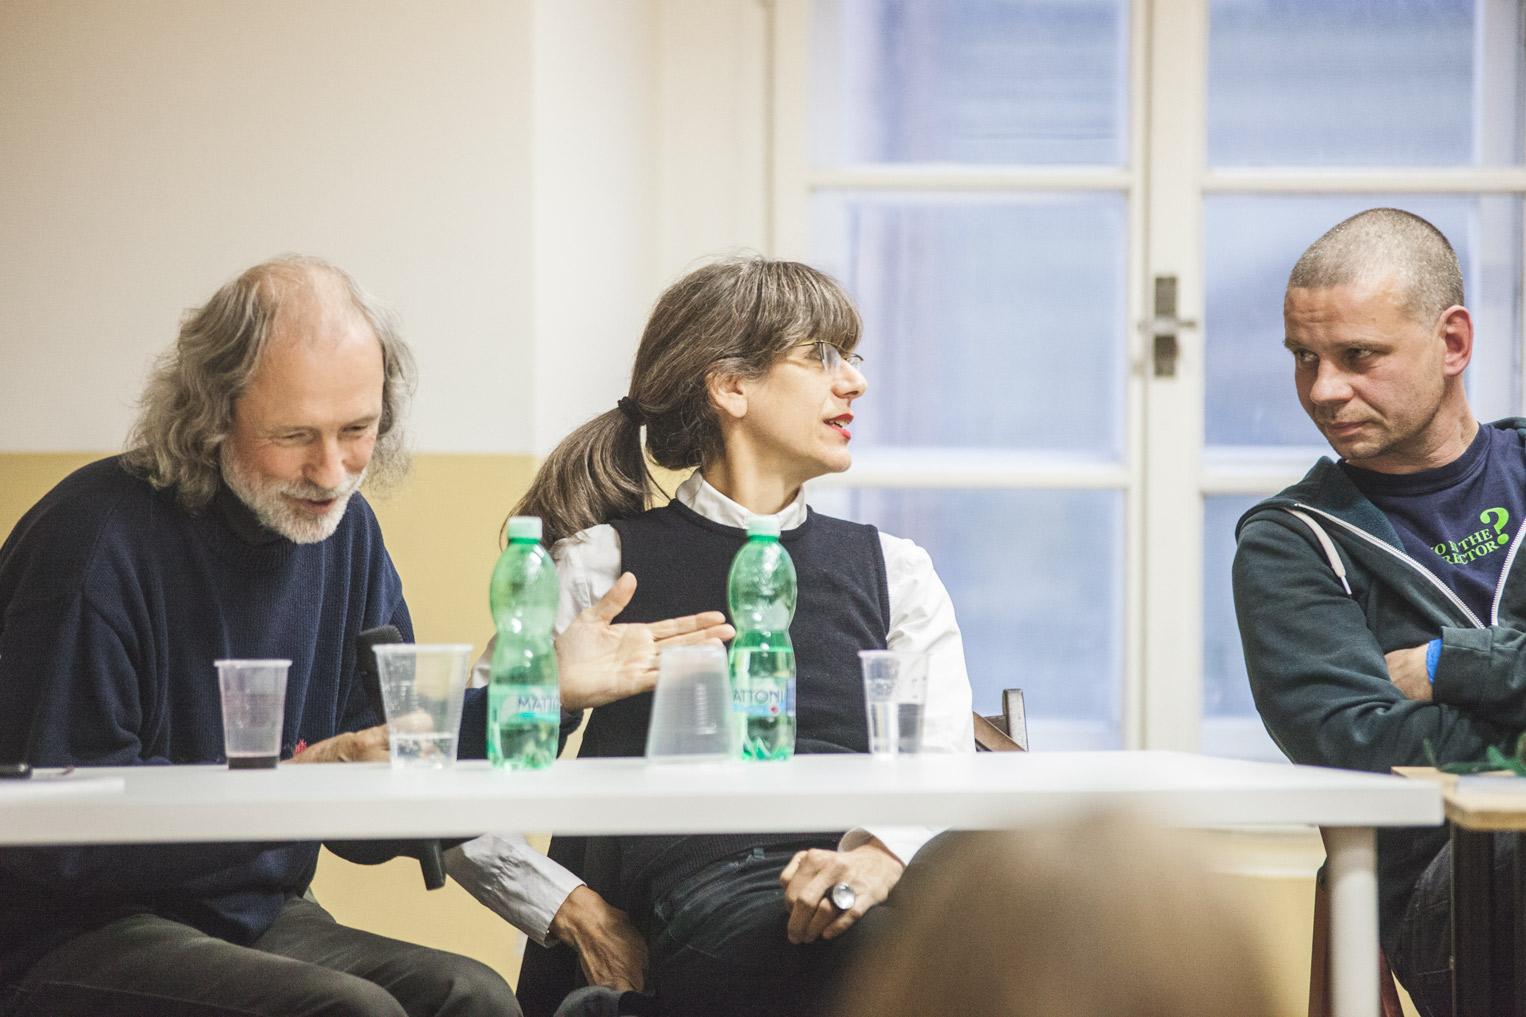 Instituce privátní galerie a spolupráce s umělci